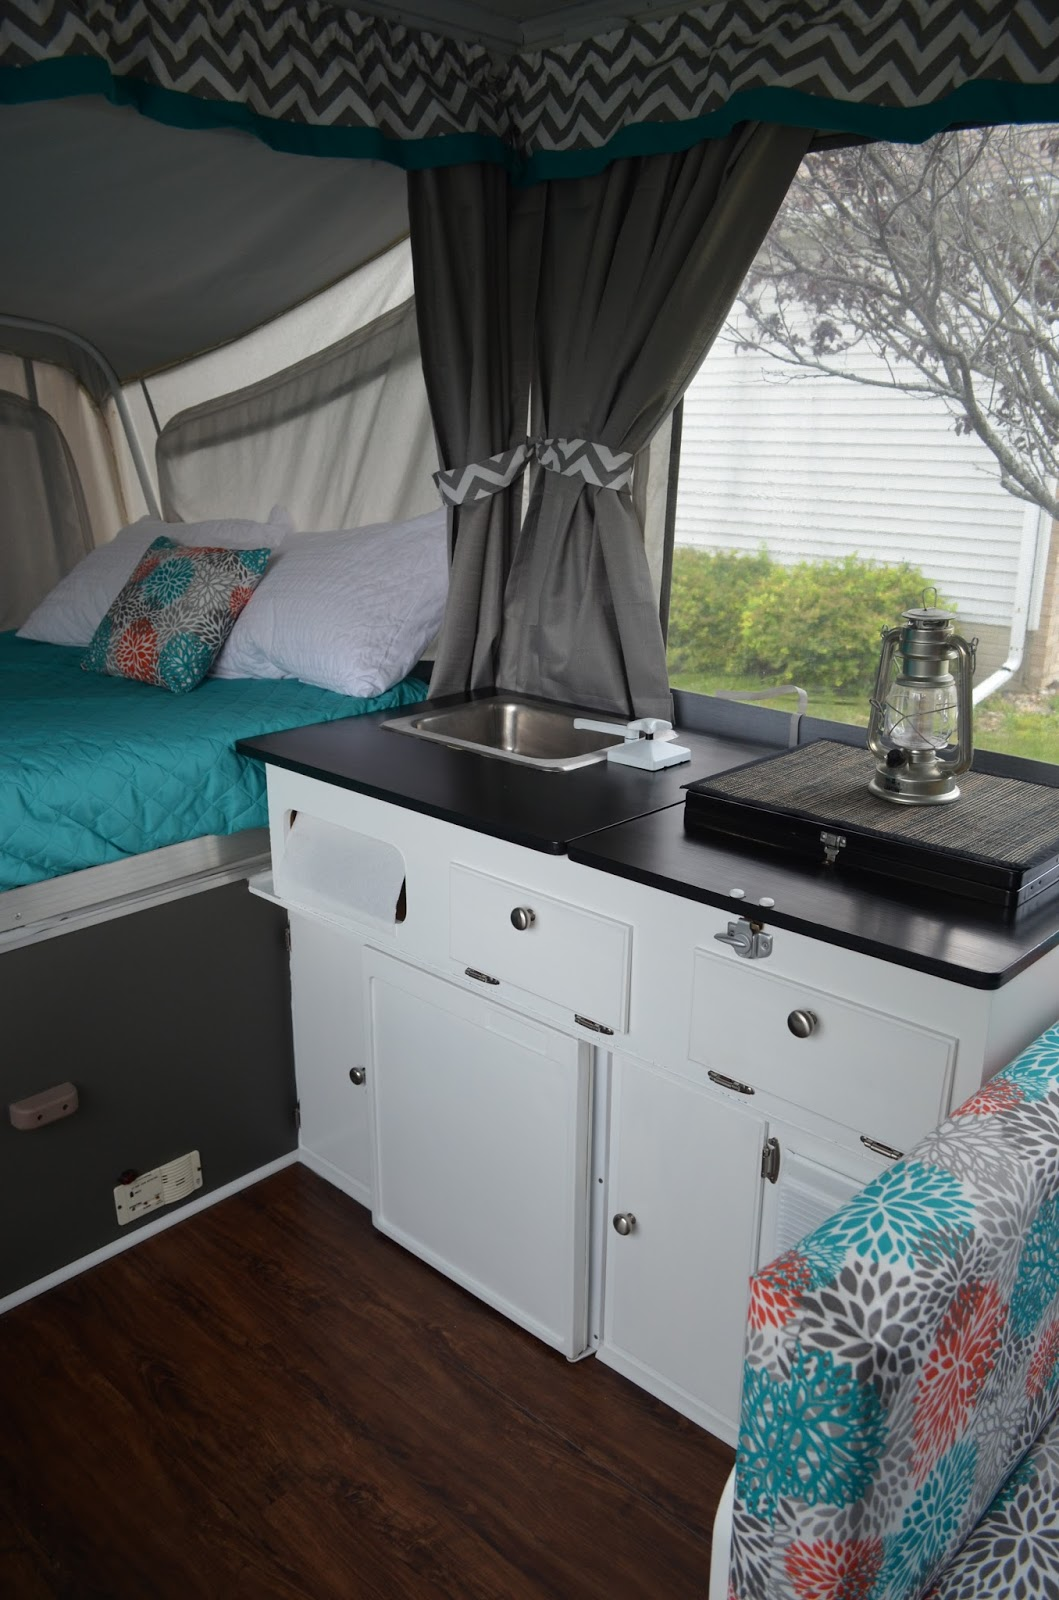 garage window curtain ideas - Pop Up Camper Remodel